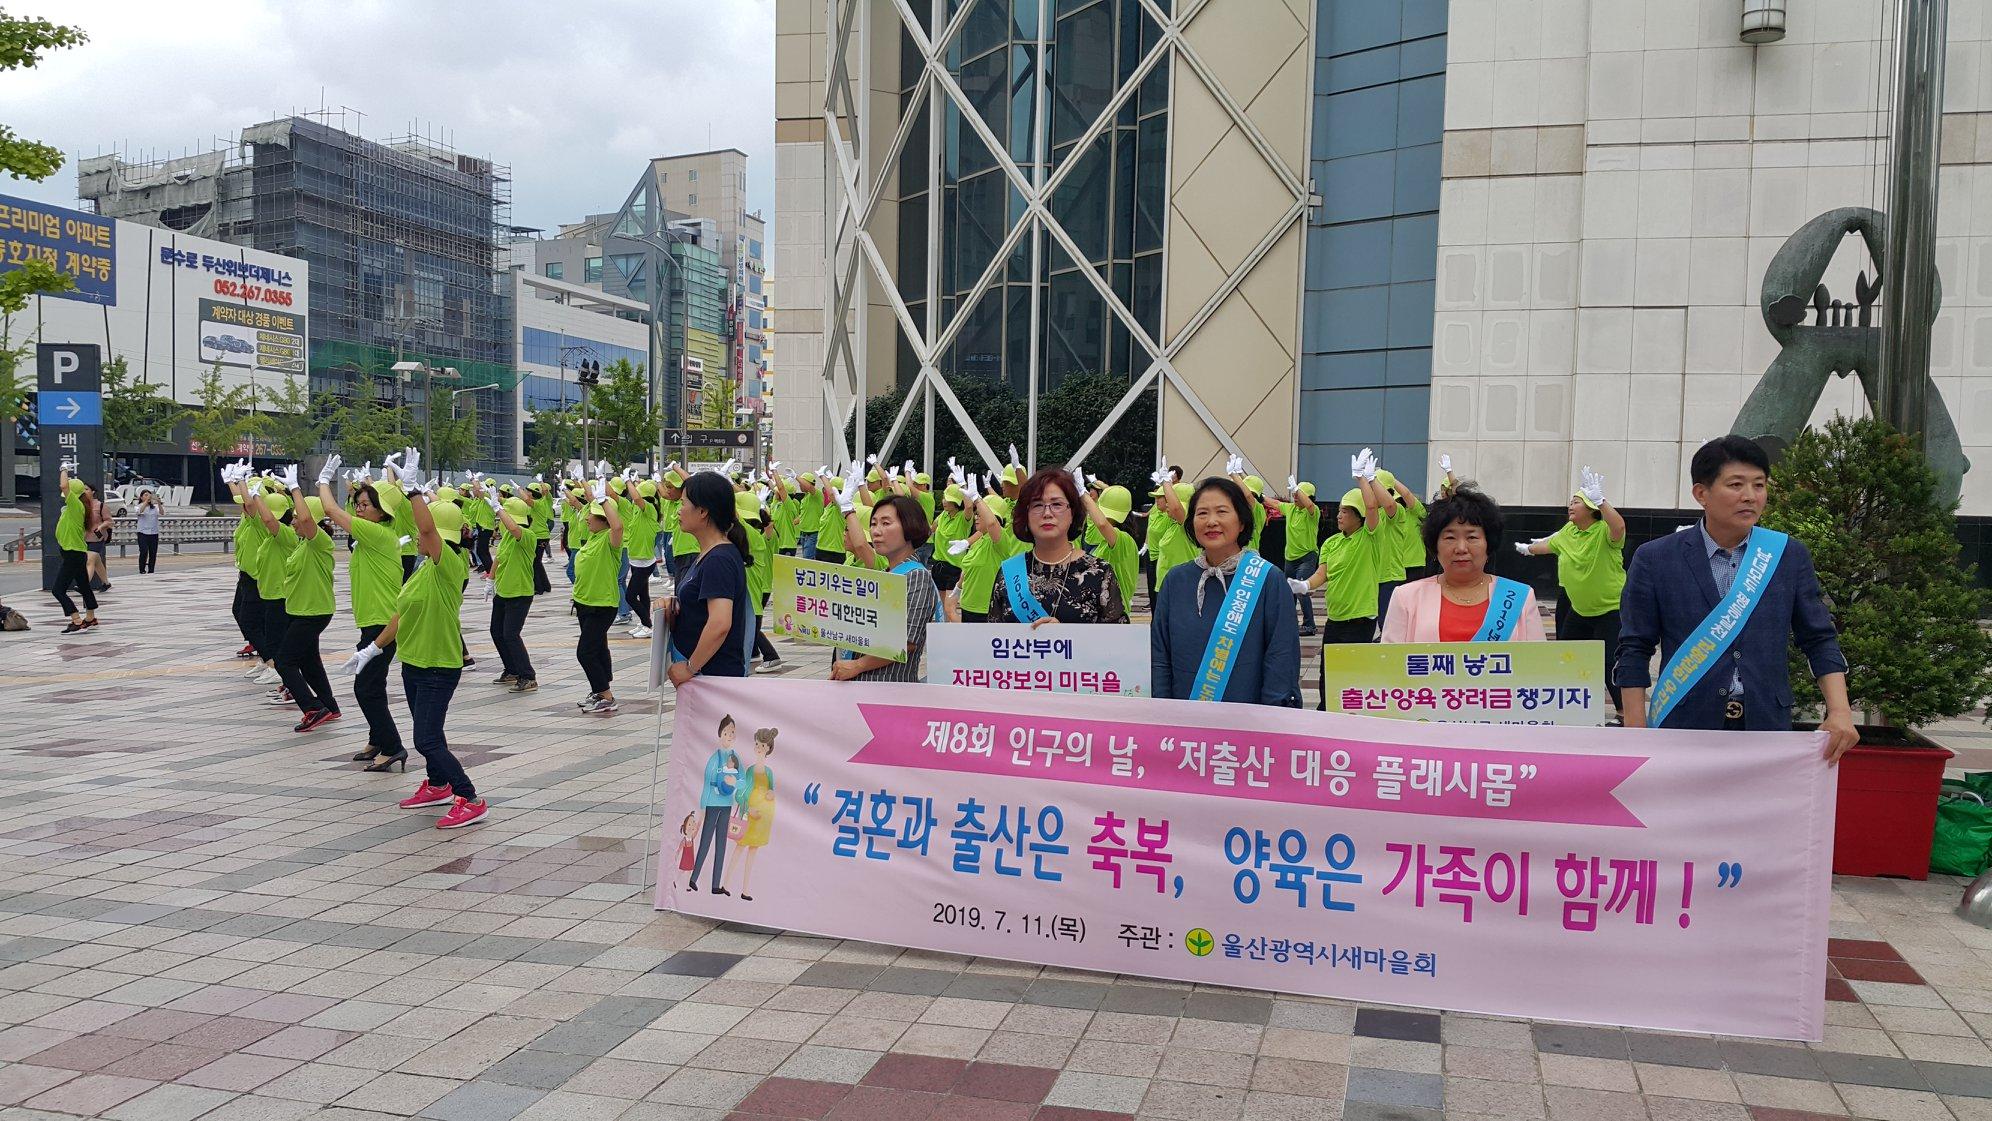 울산, 제8회 인구의 날 양성평등 실천운동